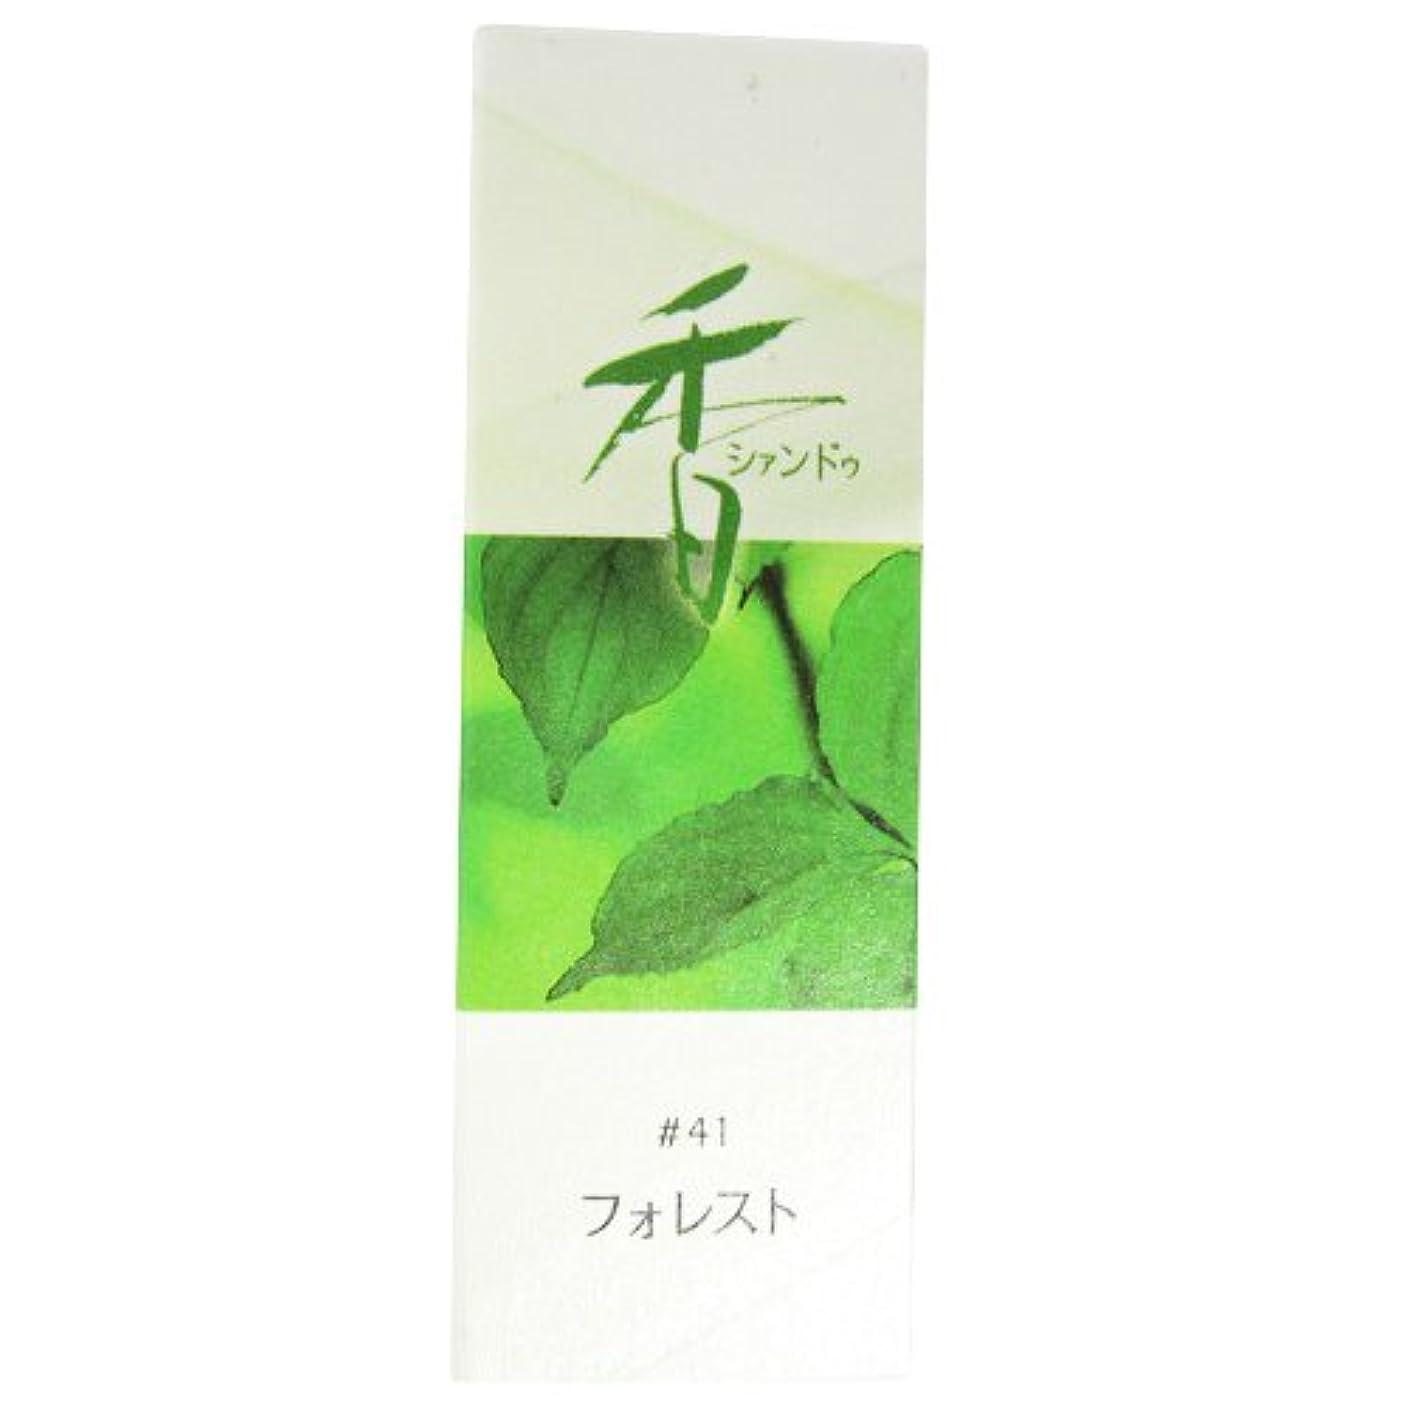 行進富湿原松栄堂のお香 Xiang Do フォレスト ST20本入 簡易香立付 #214241